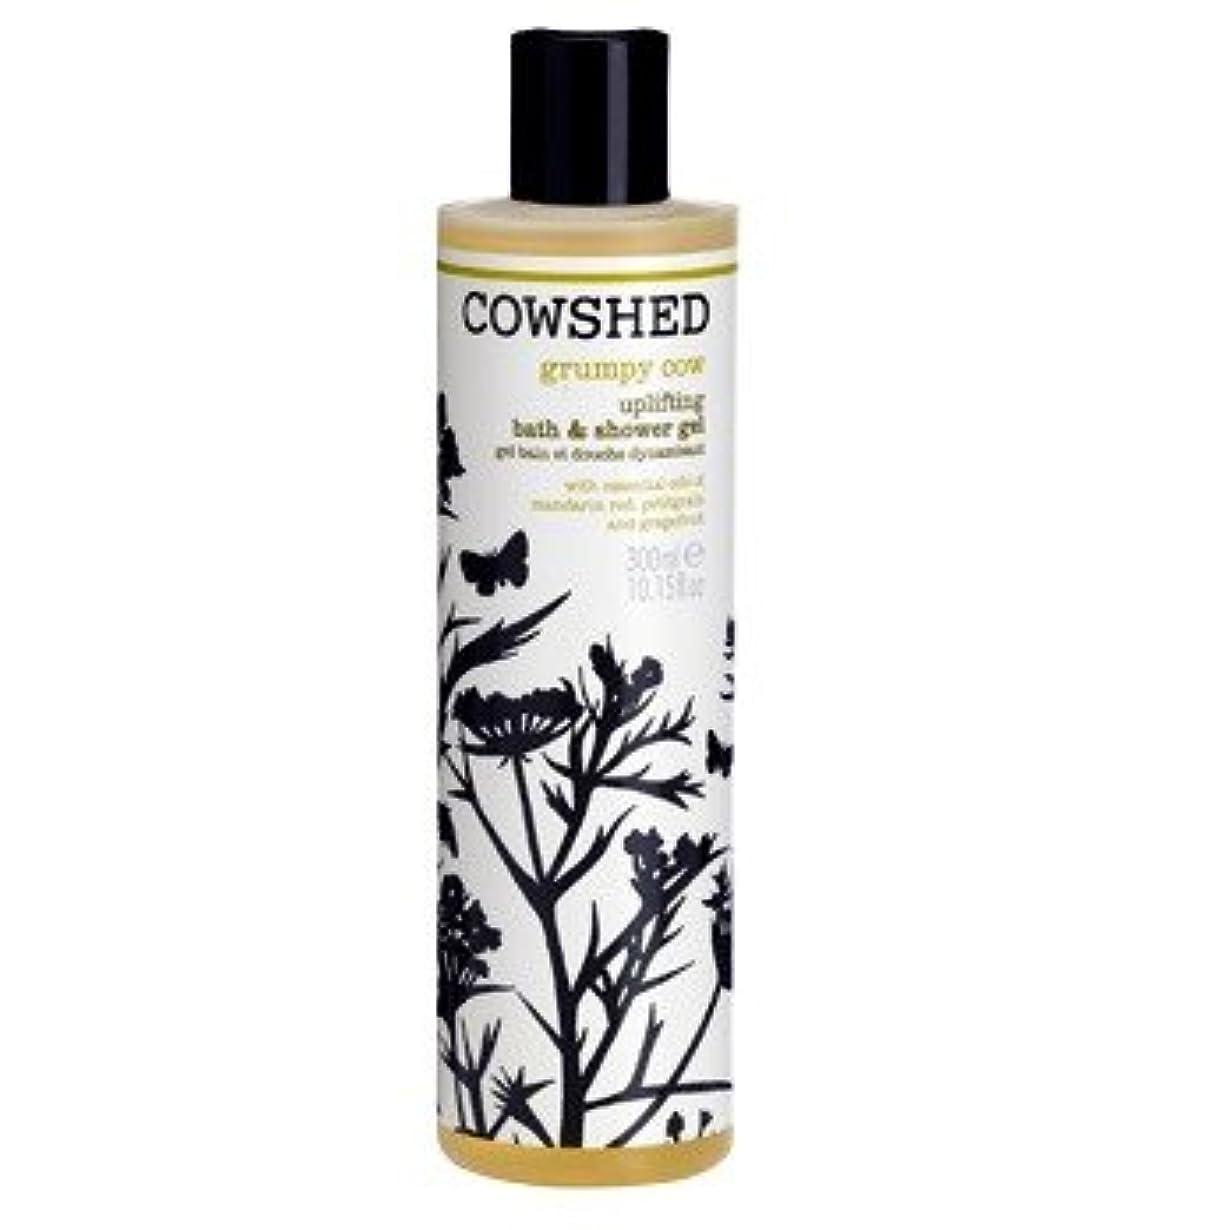 スモッグカーペット億牛舎気難しい牛高揚バス&シャワージェル300ミリリットル (Cowshed) (x2) - Cowshed Grumpy Cow Uplifting Bath & Shower Gel 300ml (Pack of 2)...